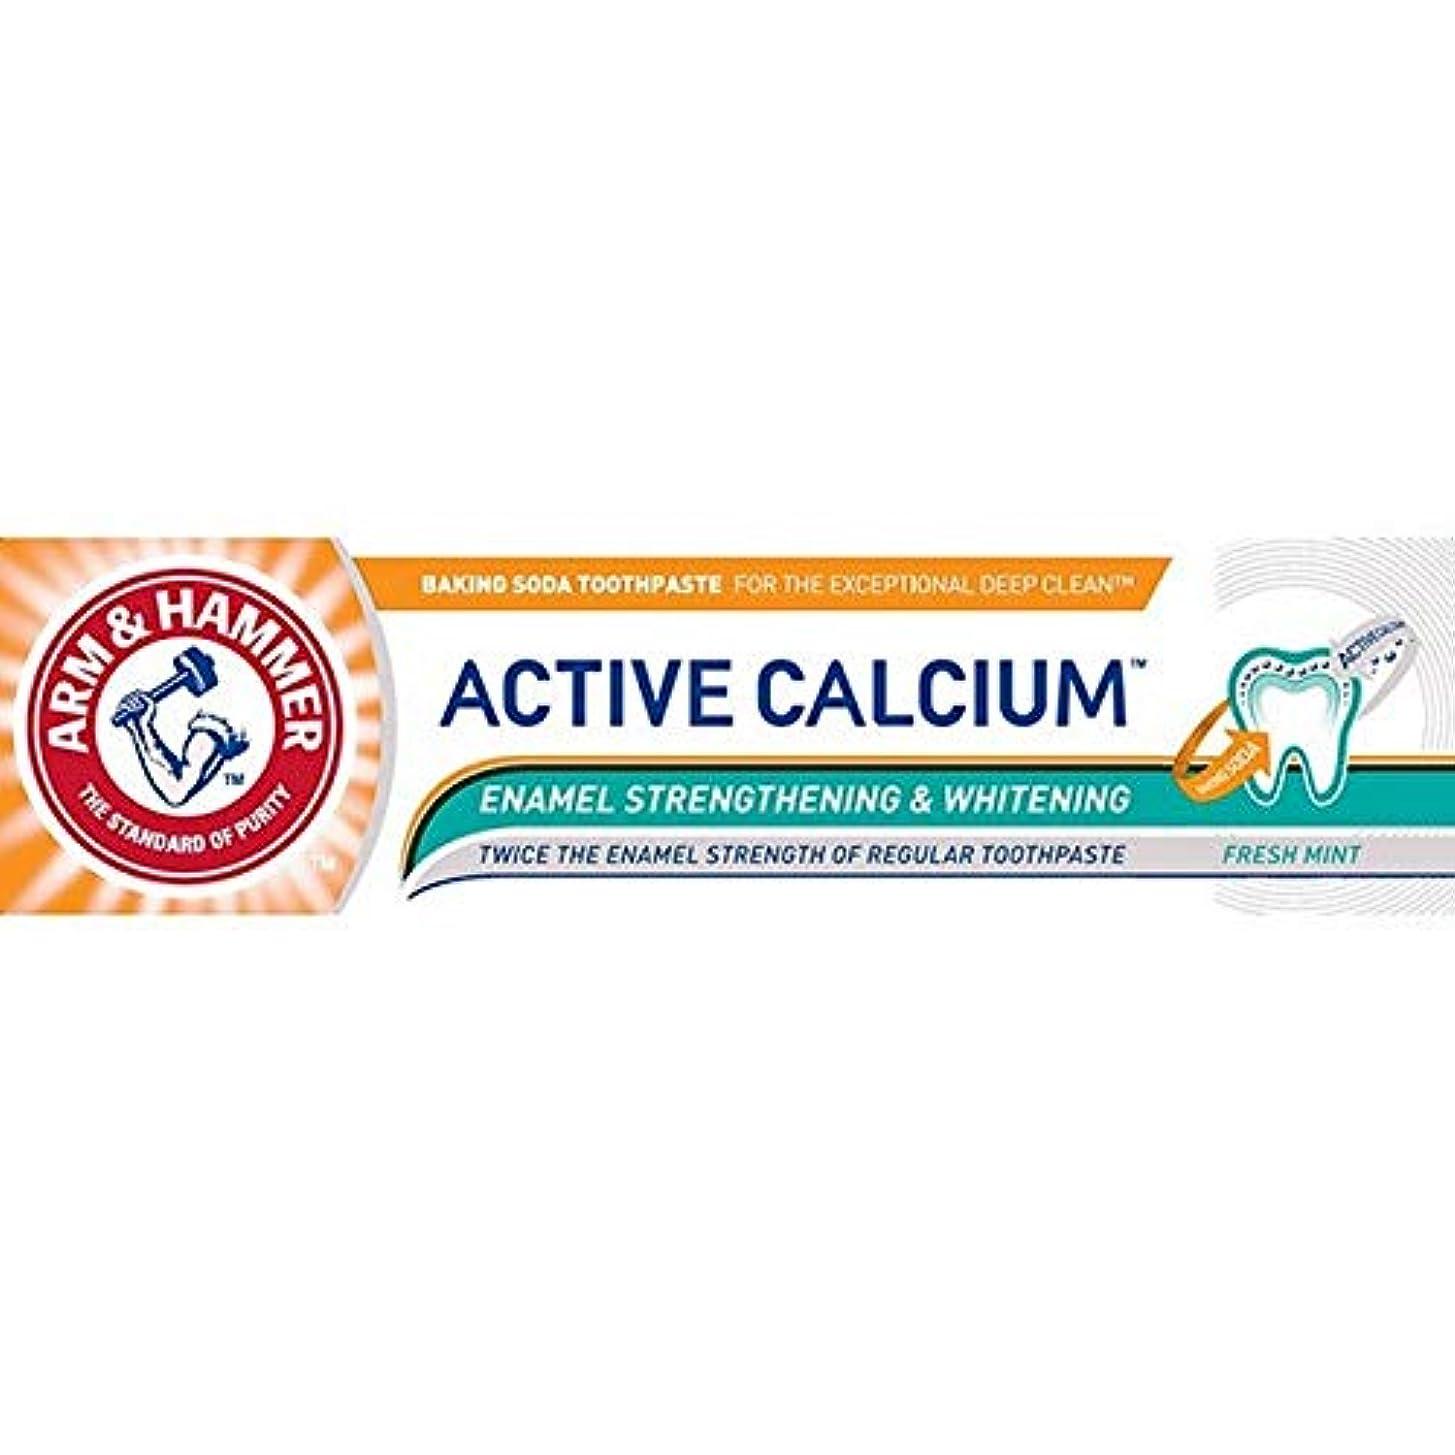 ヨーロッパ憂鬱な混合[Arm & Hammer ] アーム&ハンマーアクティブカルシウムの75ミリリットル - Arm & Hammer Active Calcium 75ml [並行輸入品]